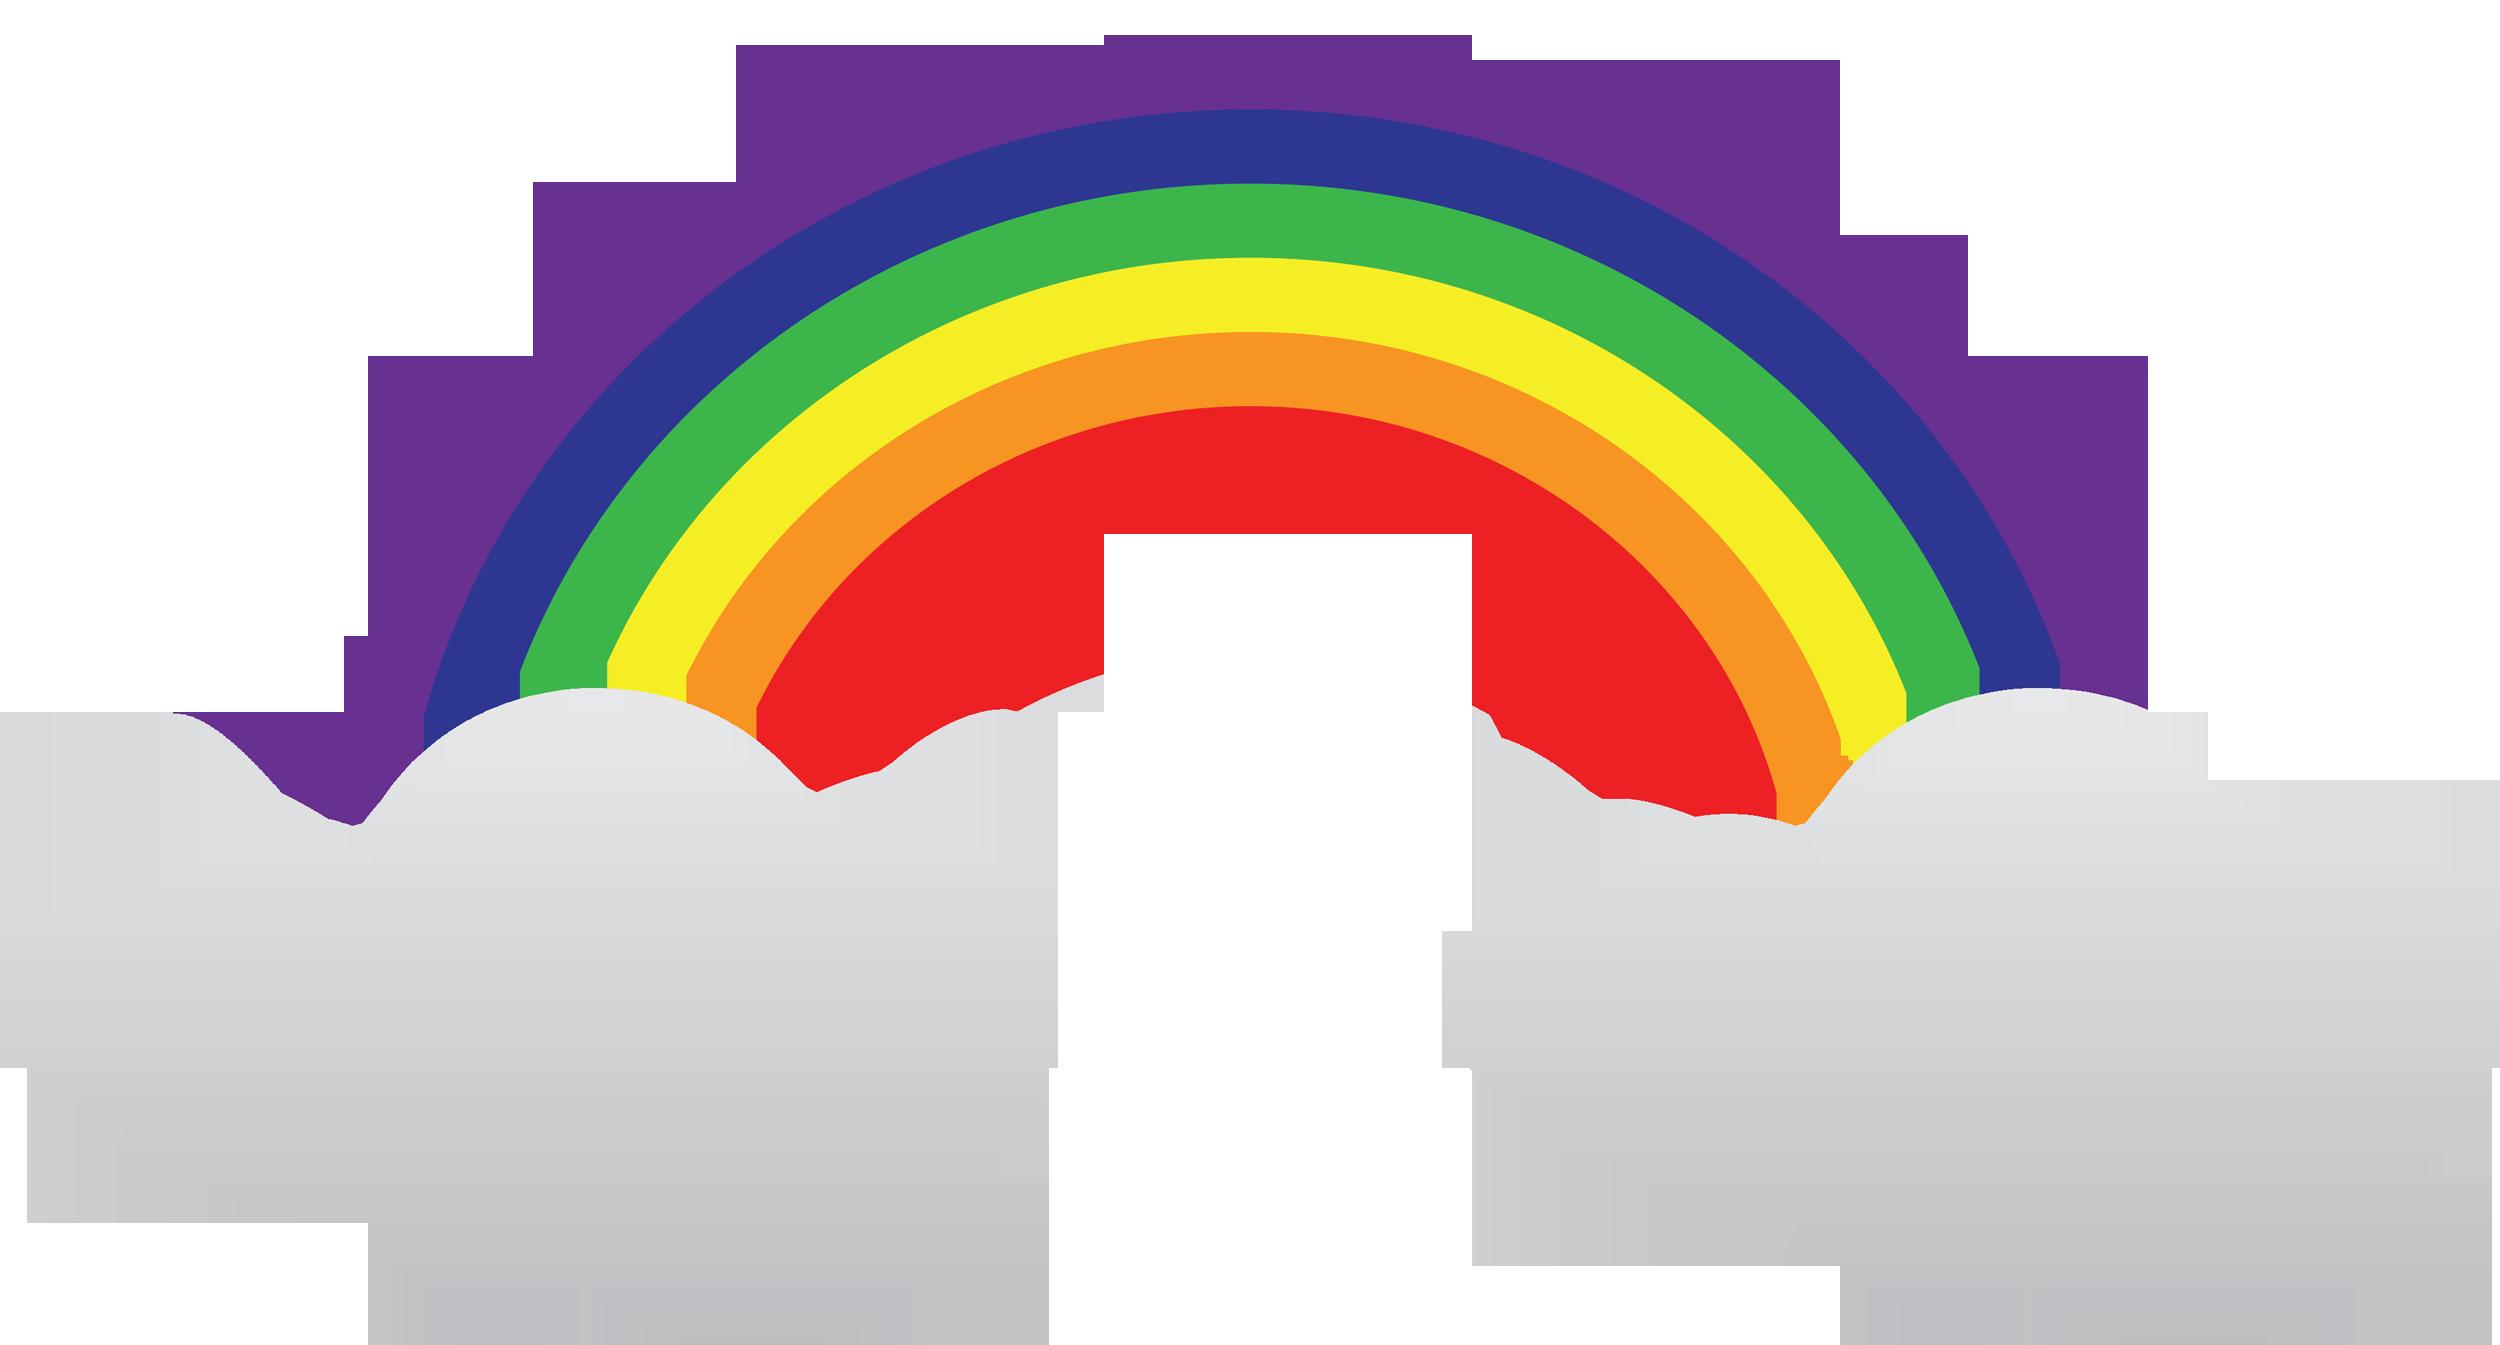 Как сделать радугу на приложение